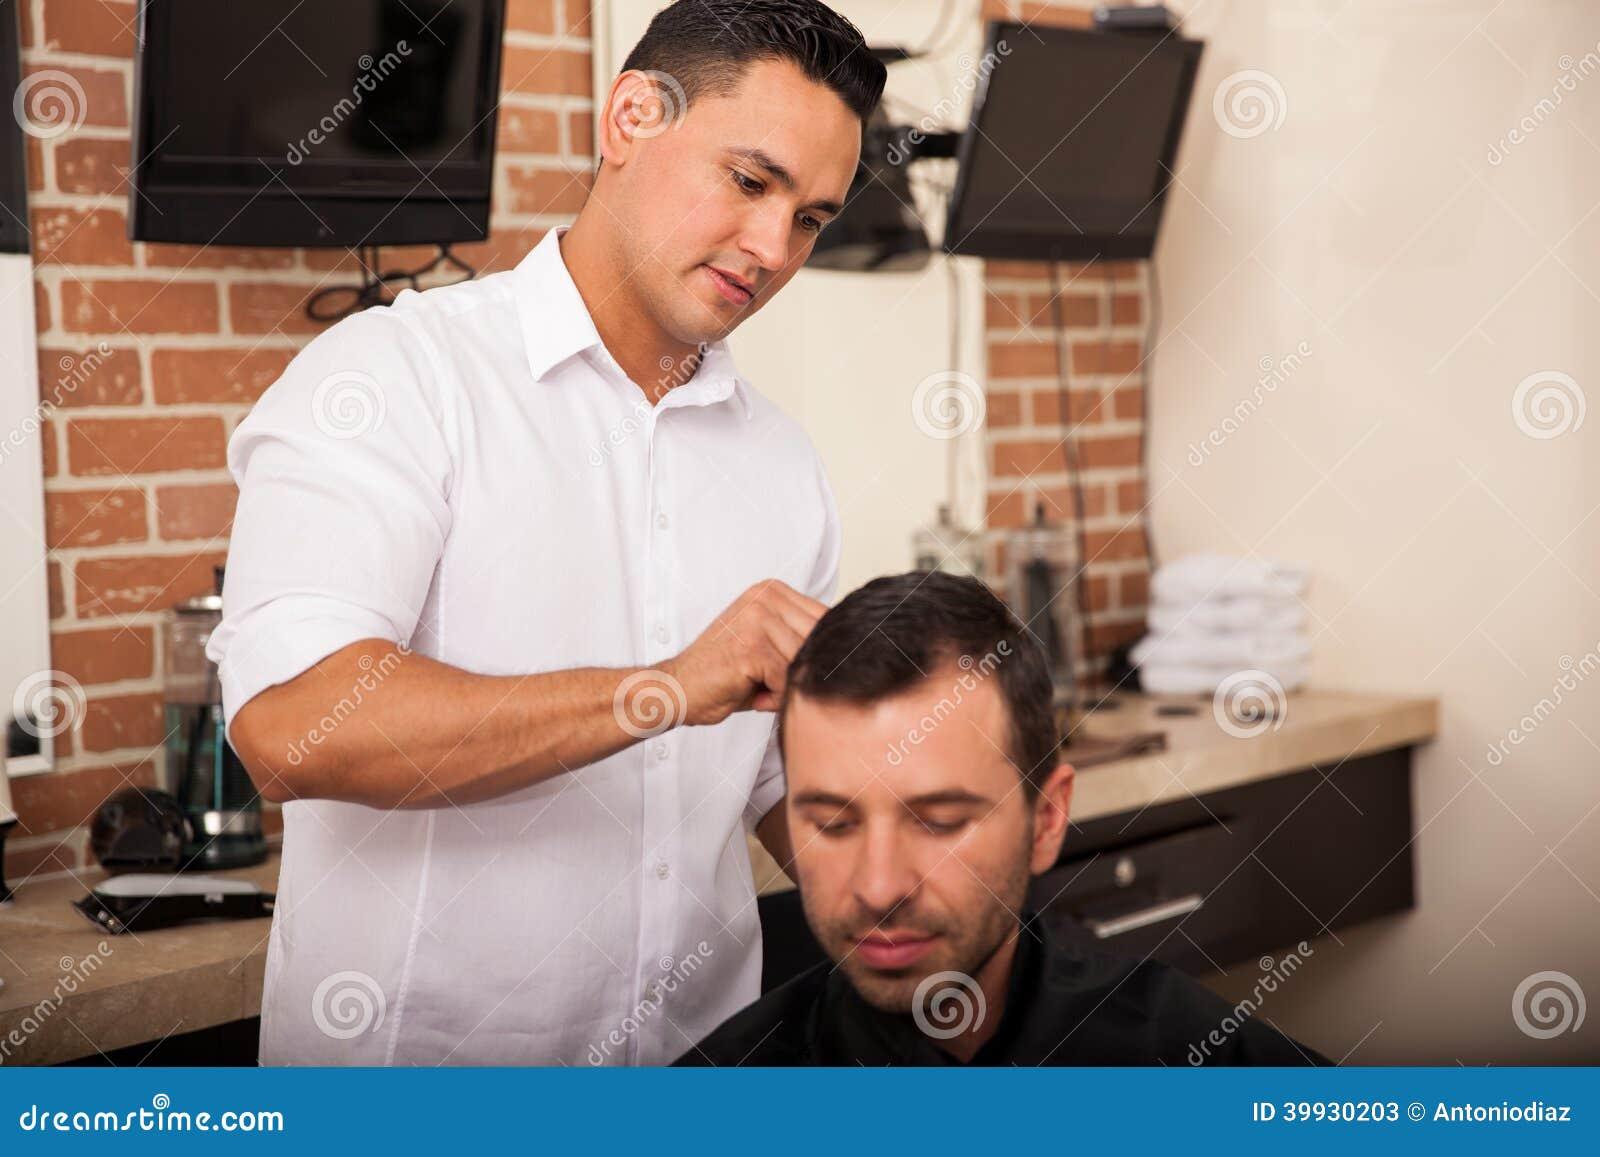 Ottenendo un taglio di capelli dal mio barbiere